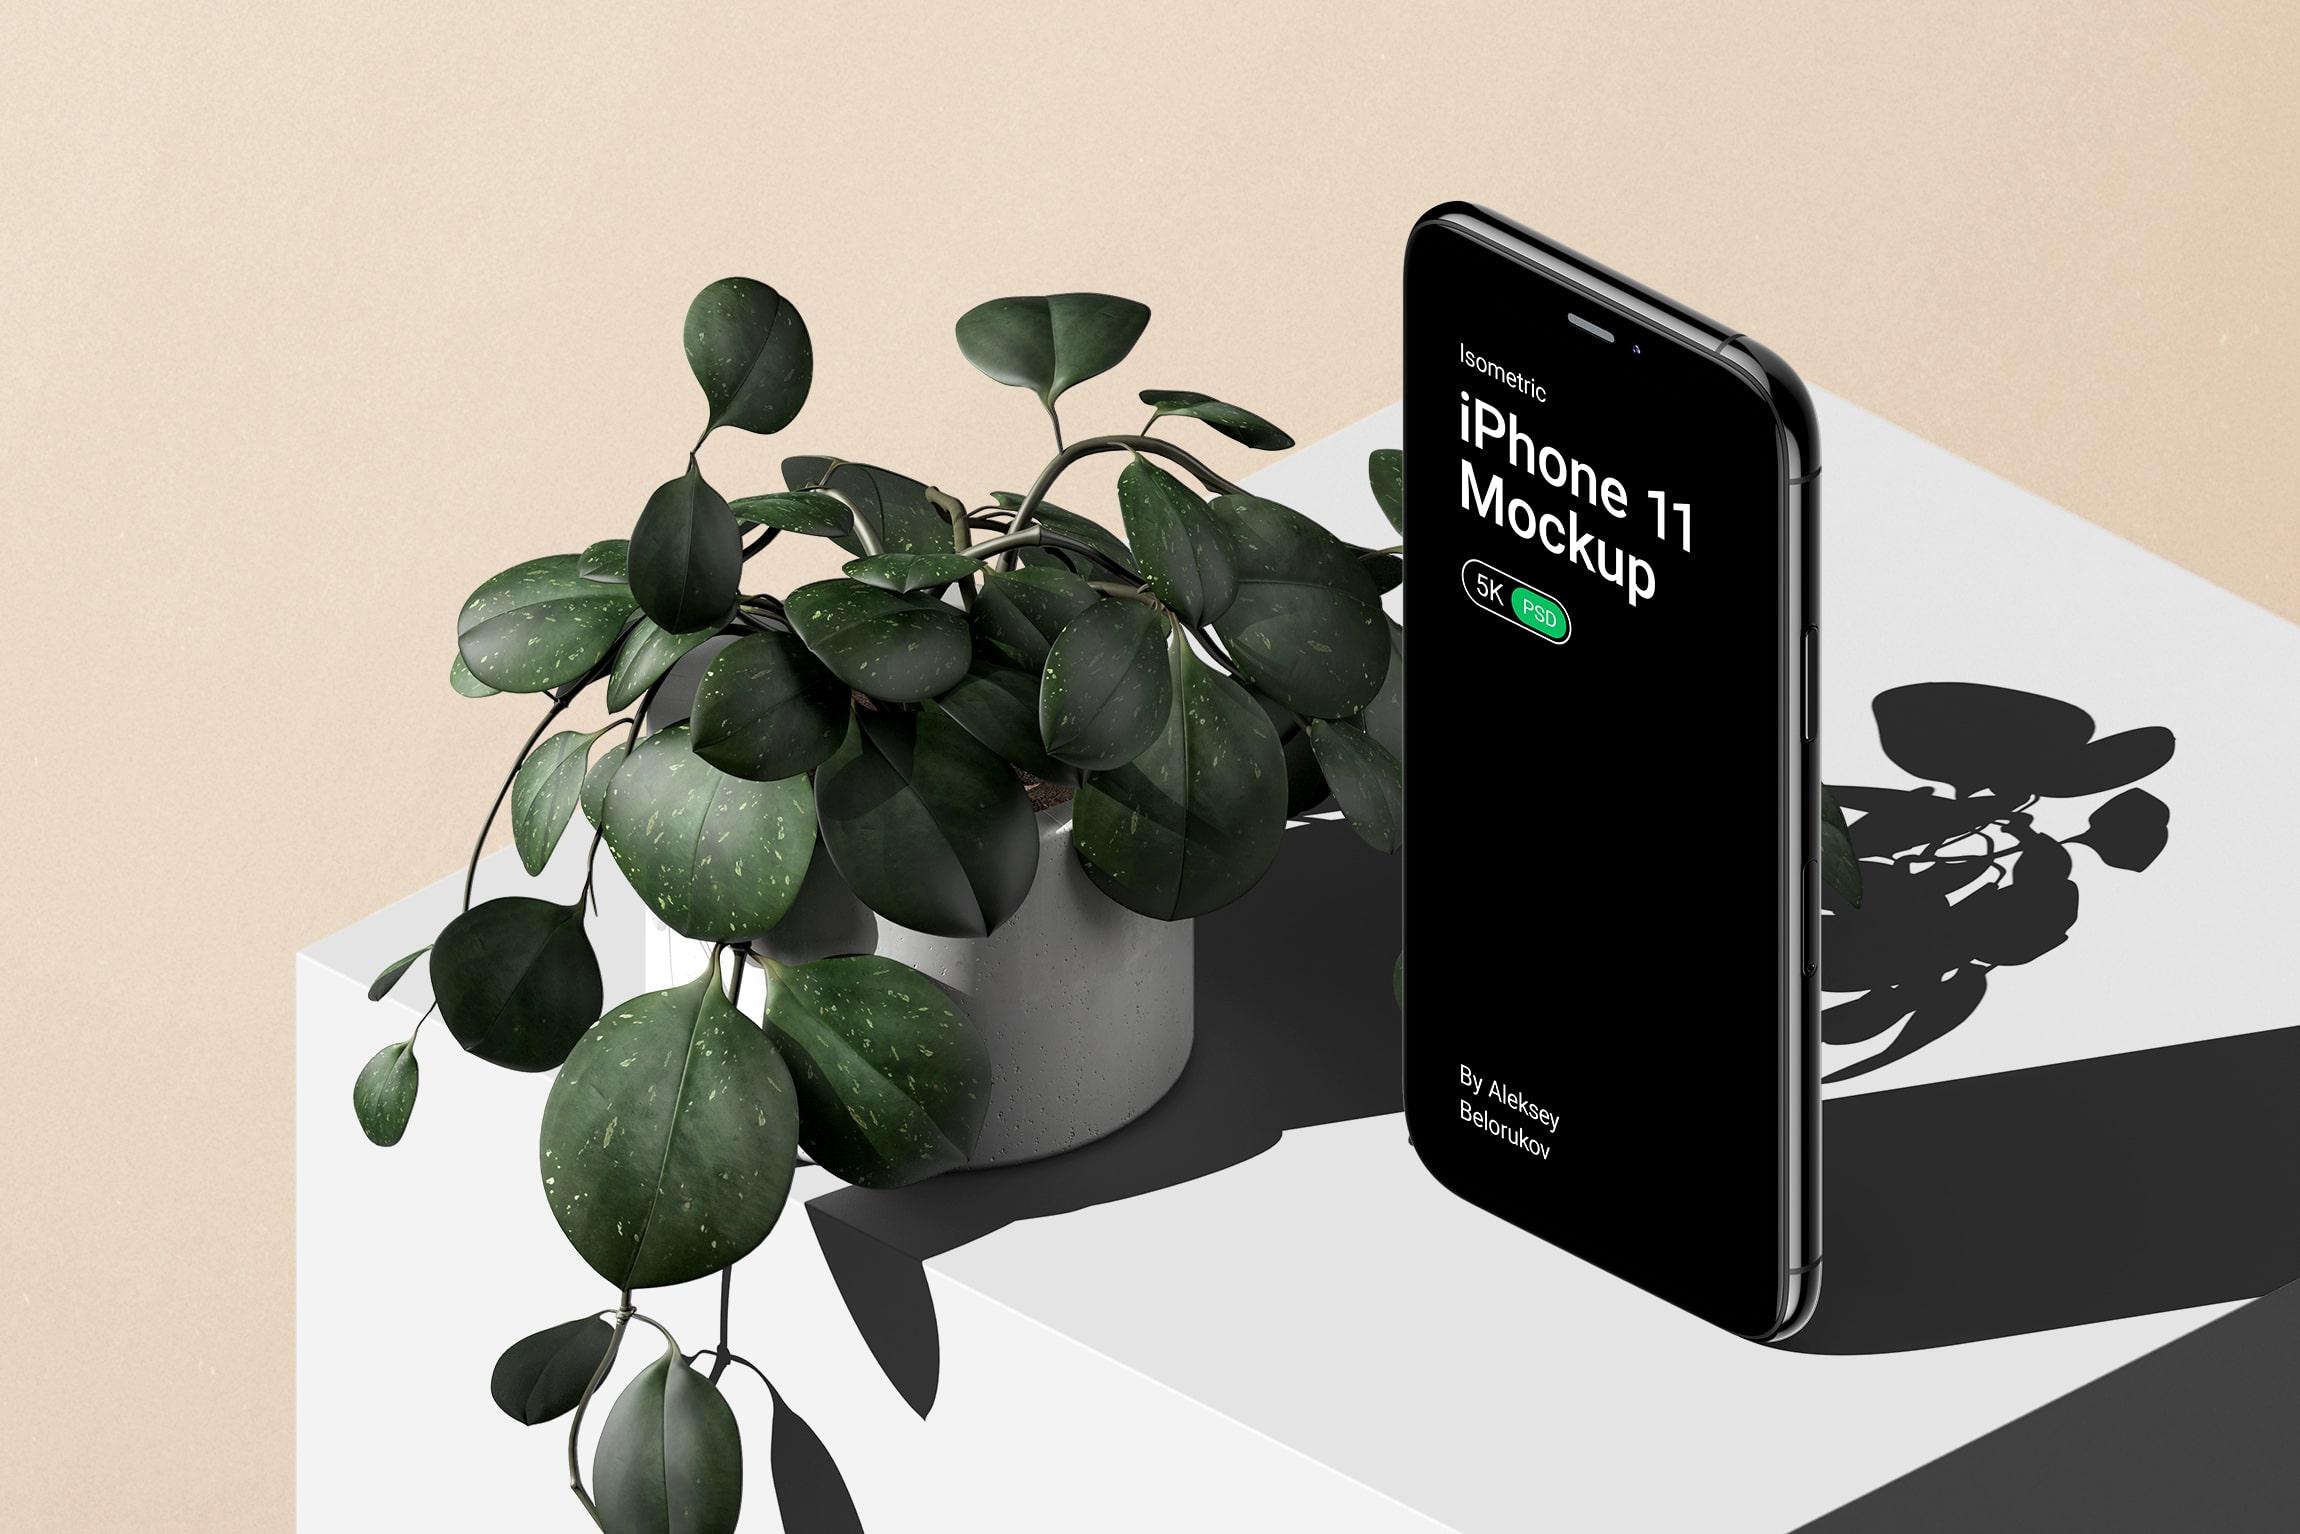 [单独购买] 16款时尚等距APP界面设计苹果设备屏幕演示场景样机模板套装 Device Pack Mockups – Isometric插图14